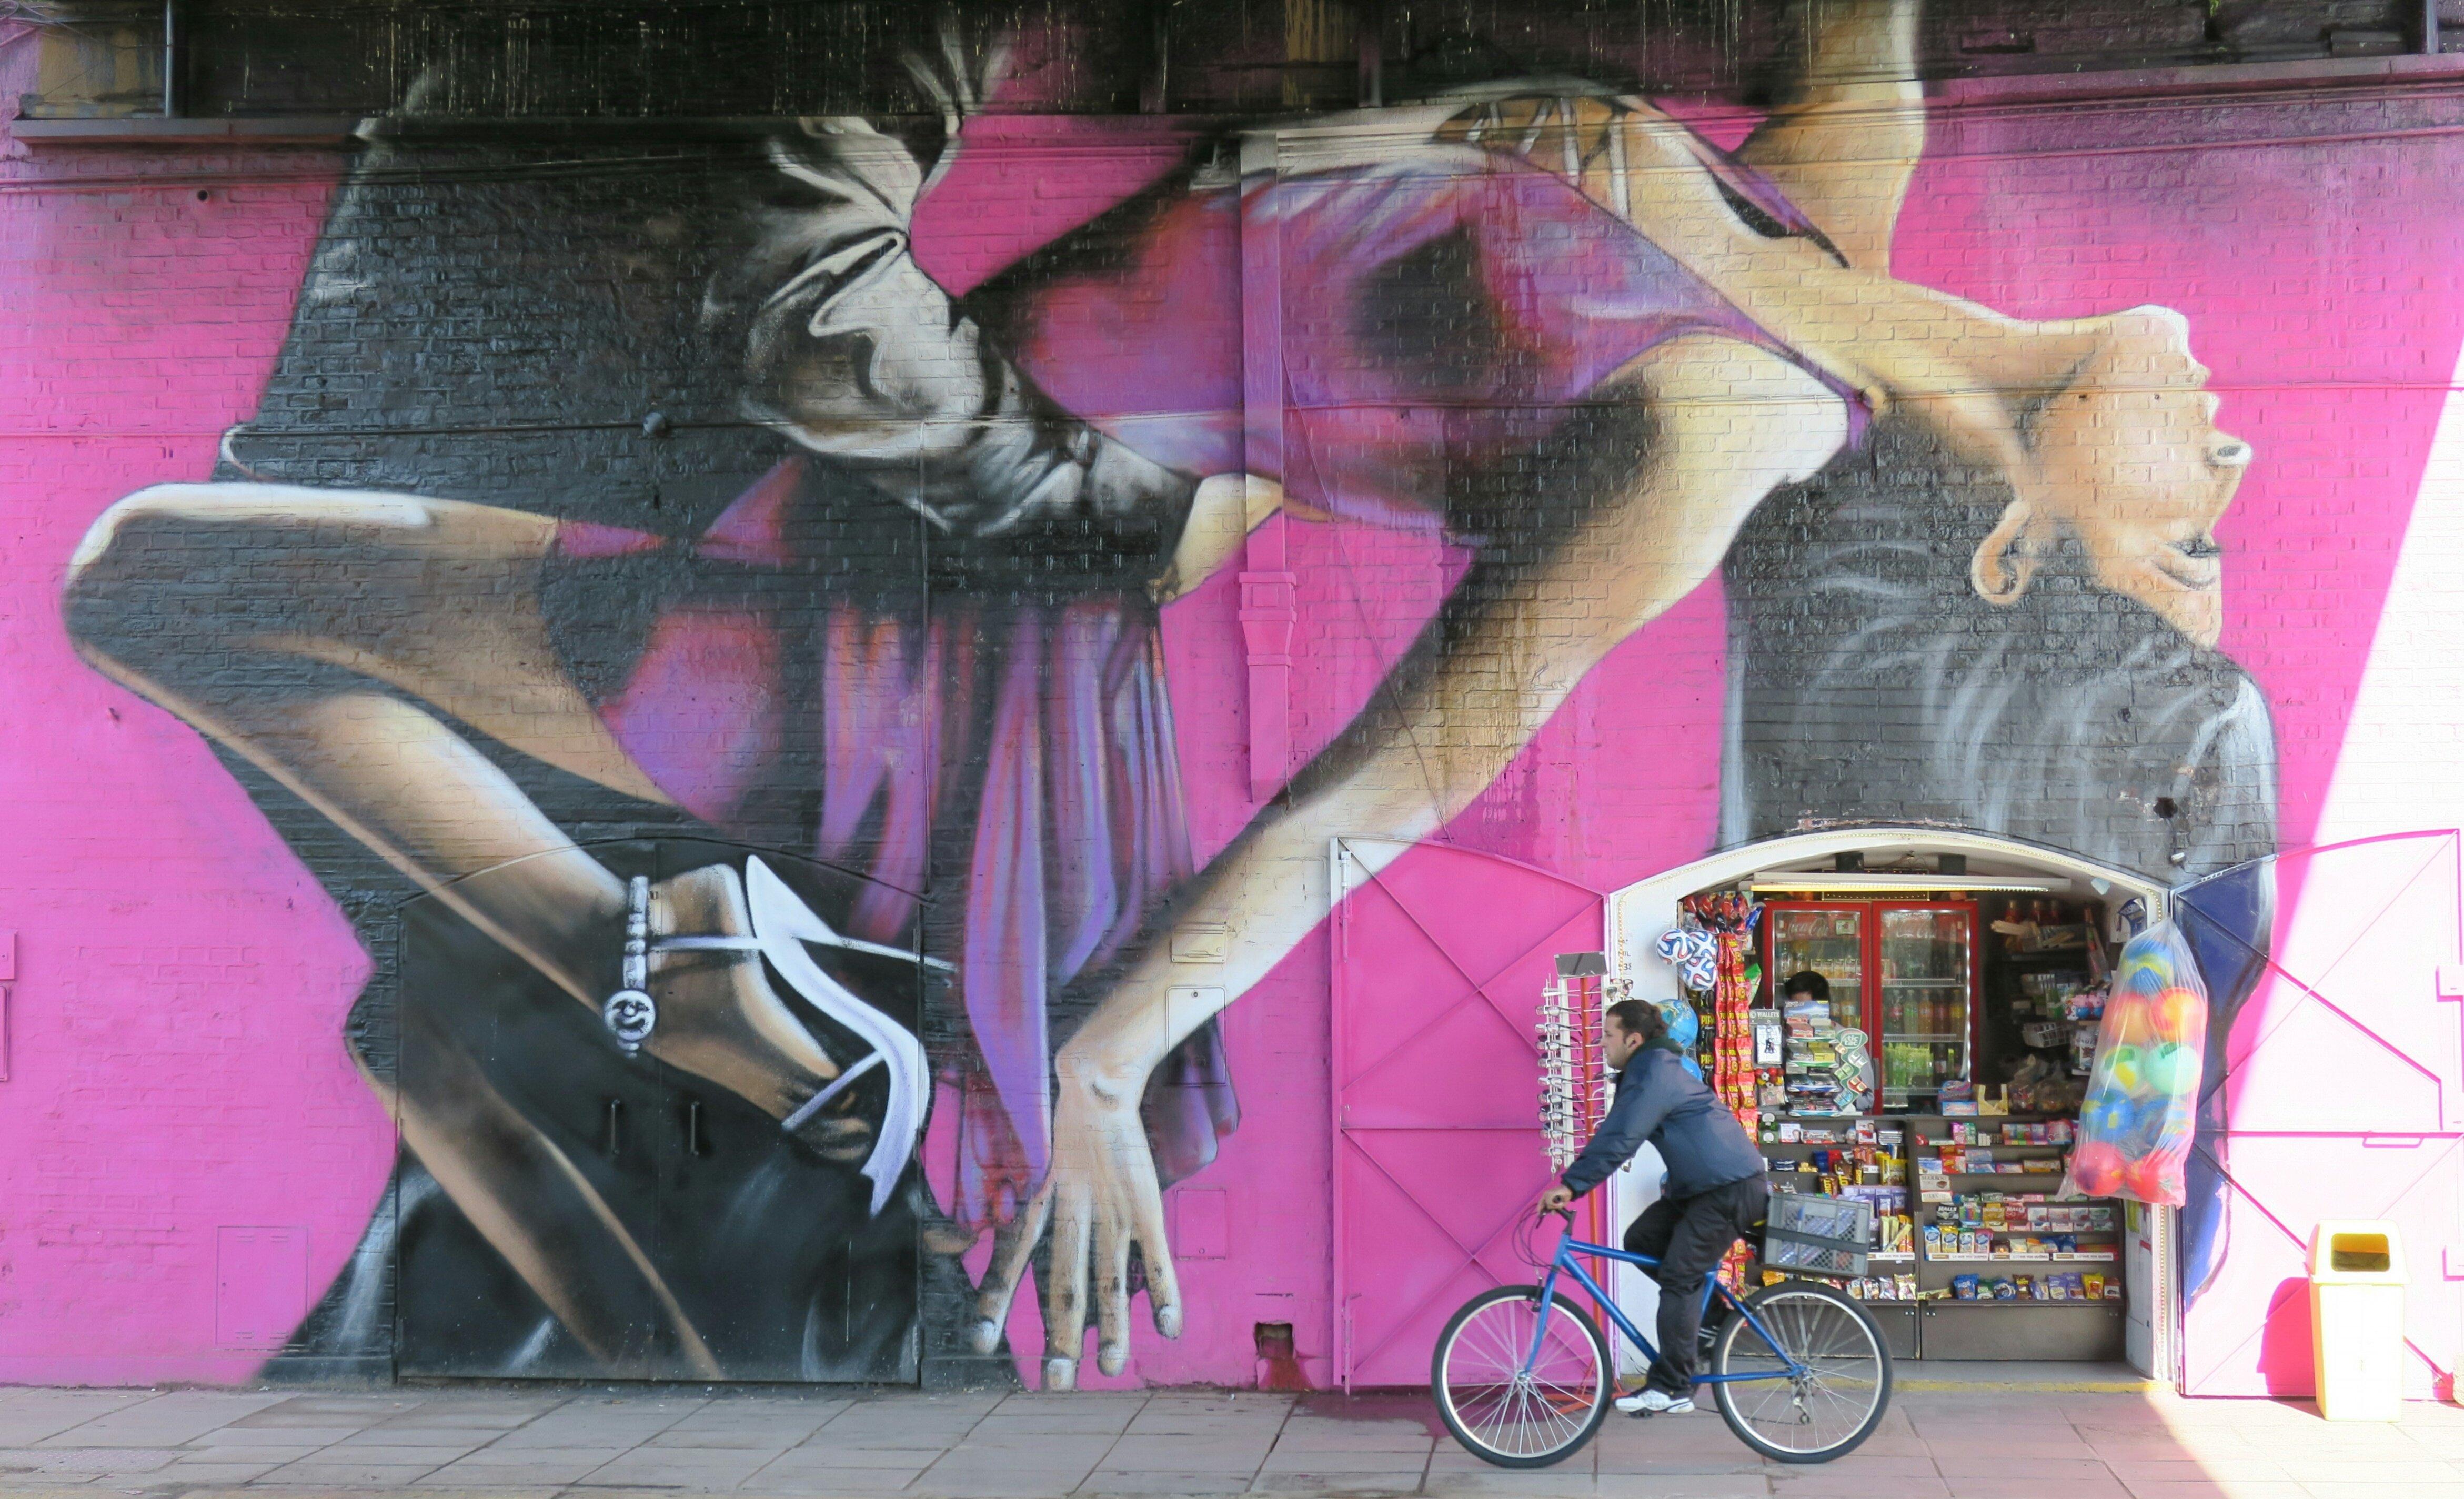 BAS01. BUENOS AIRES (ARGENTINA), 31/07/2016.- Fotografía del 28 de julio de 2016, de una persona pasando en bicicleta junto a un fragmento del mural pintado por el artista argentino Alfredo Segatori, en Buenos Aires (Argentina). El bandoneón, la tradicional milonga, Carlos Gardel, la pasión en el tango y su vínculo con las carreras de caballos componen un mural que ha trasladado el ritmo del 2x4 hasta las mismas paredes de Buenos Aires. Un homenaje producto de los aerosoles del artista argentino Alfredo Segatori. EFE/Irene Valiente